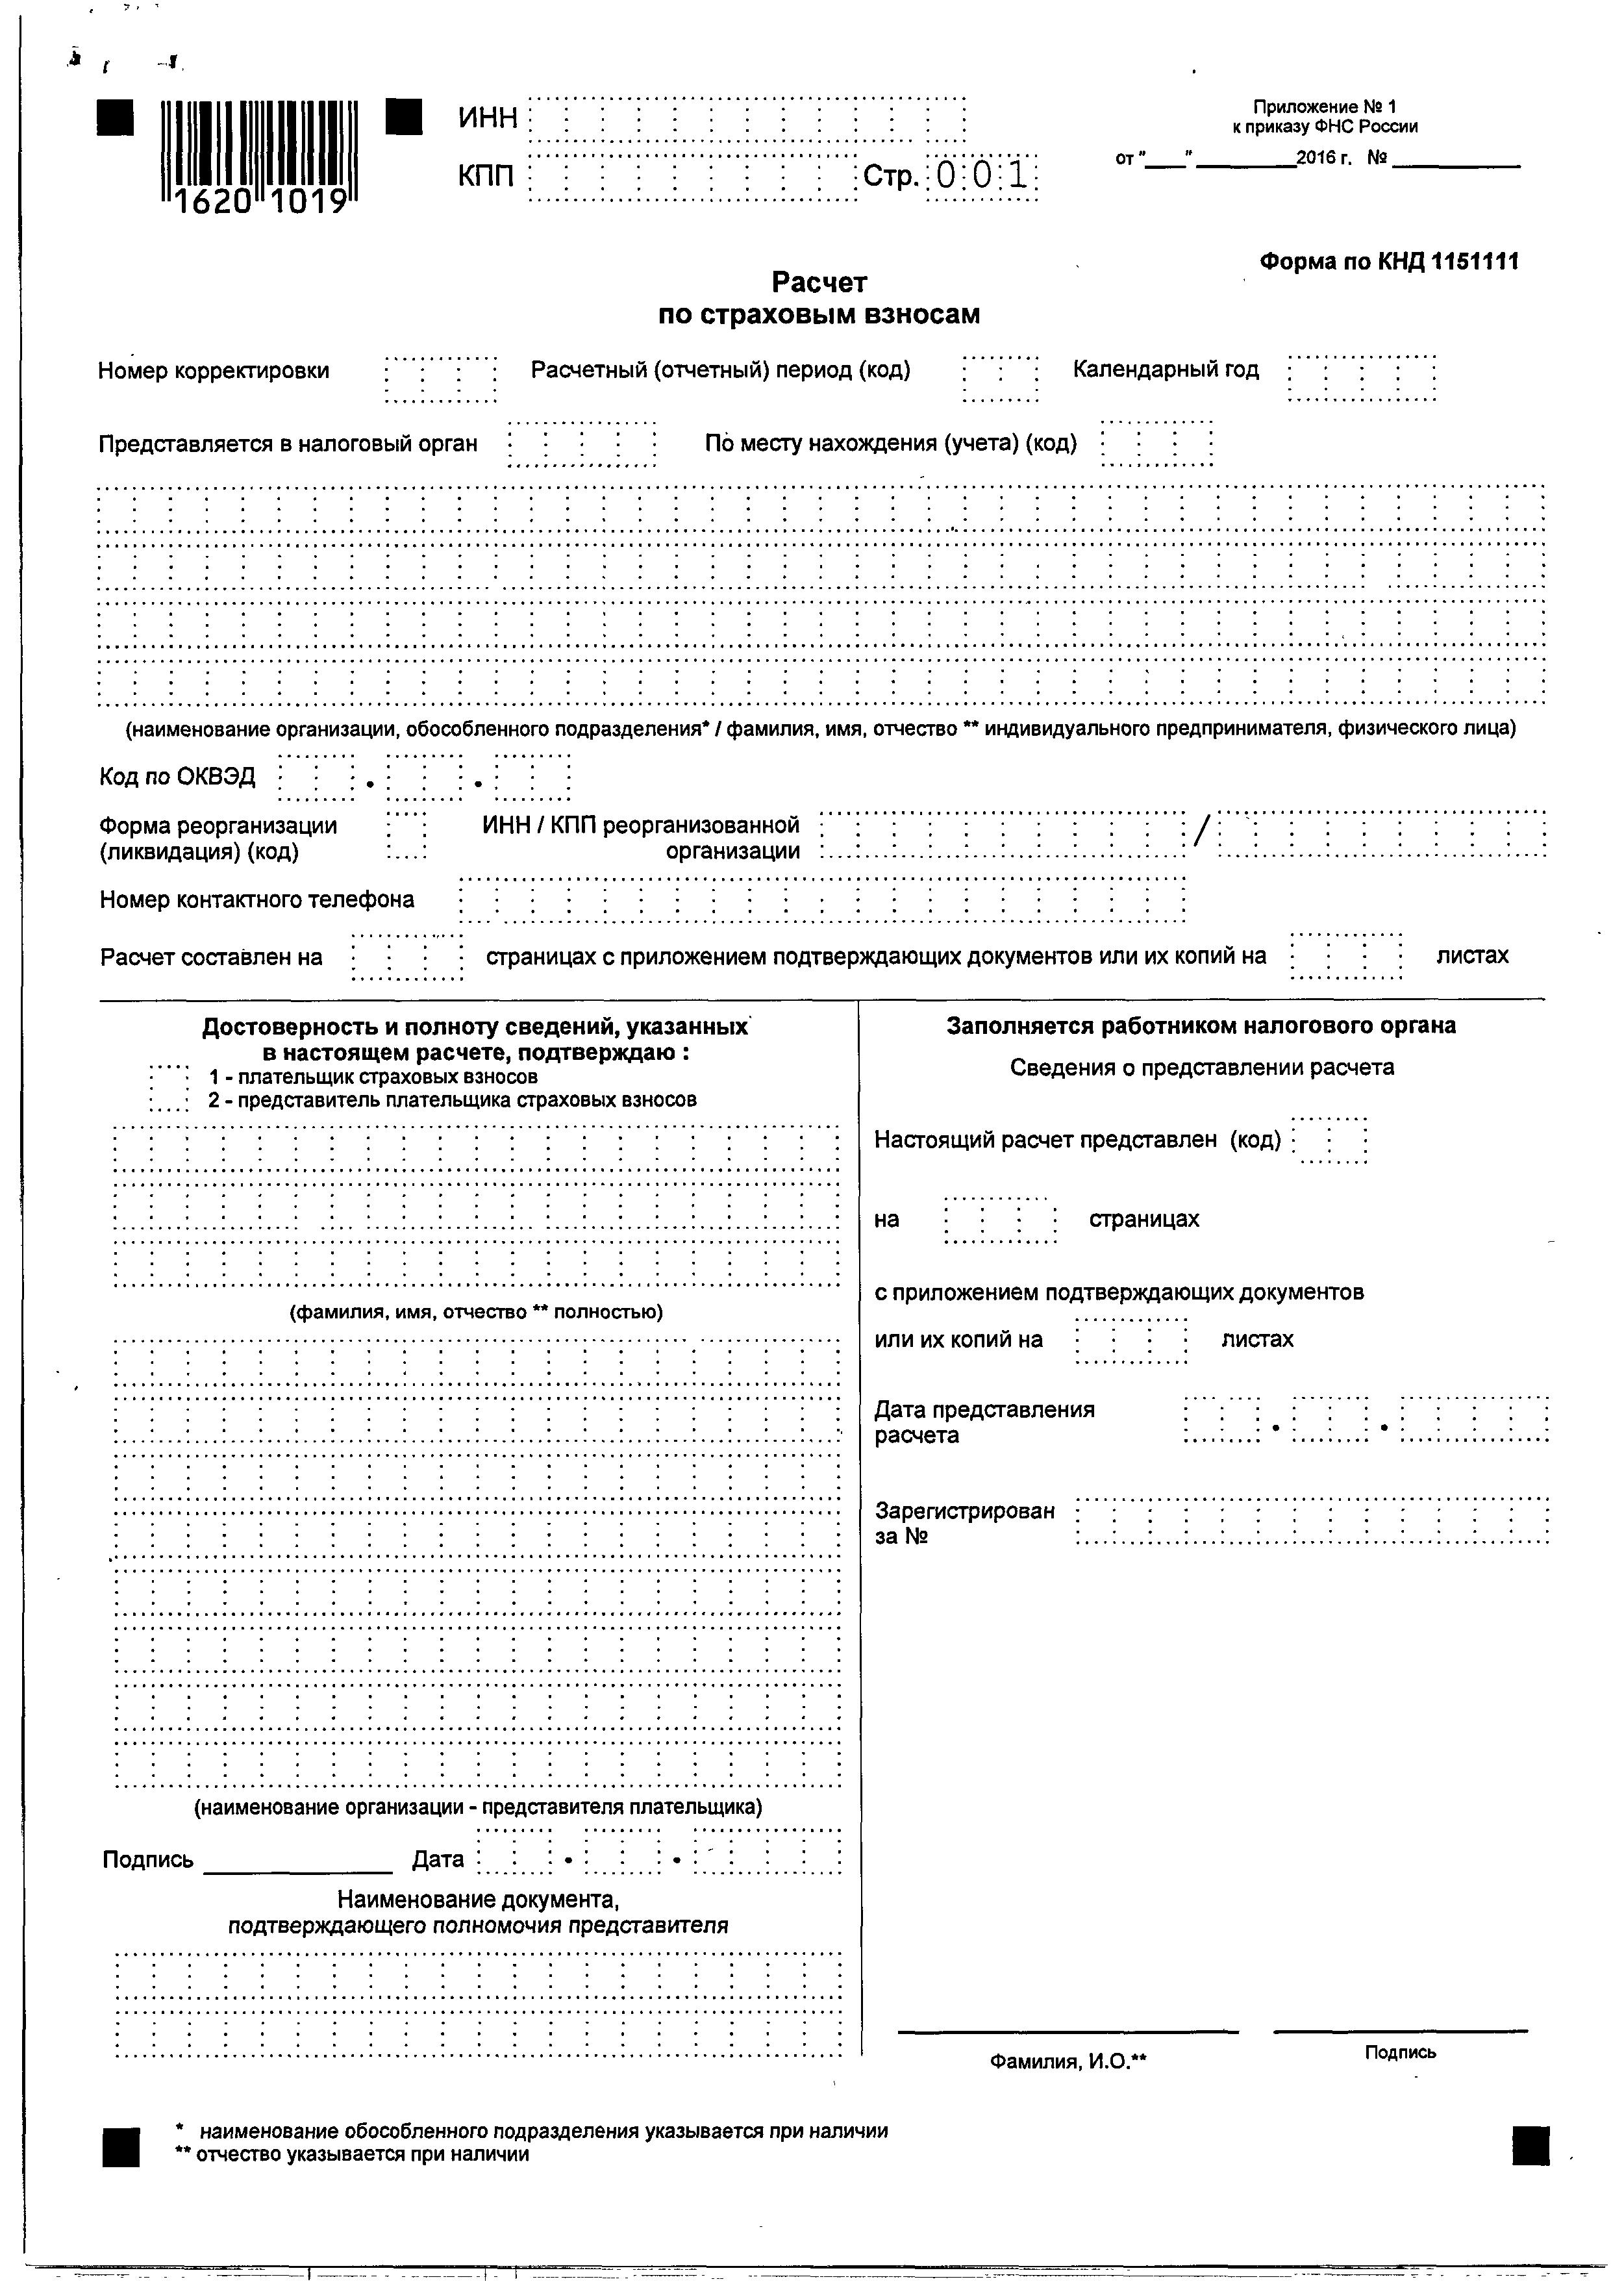 Образец формы КНД - Расчеты по страховым взносам